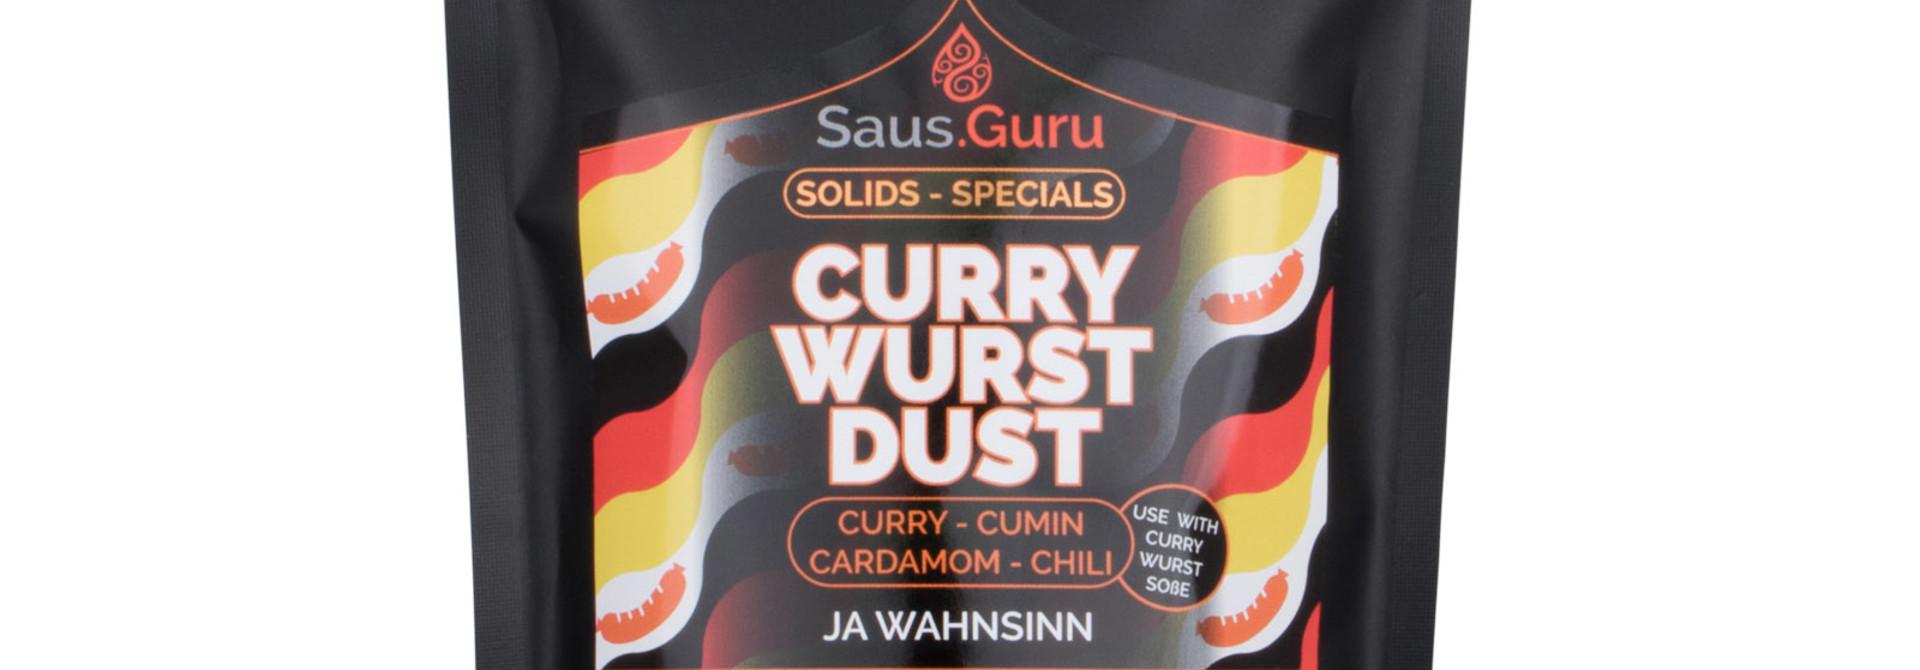 Saus.Guru's Currywurst Dust